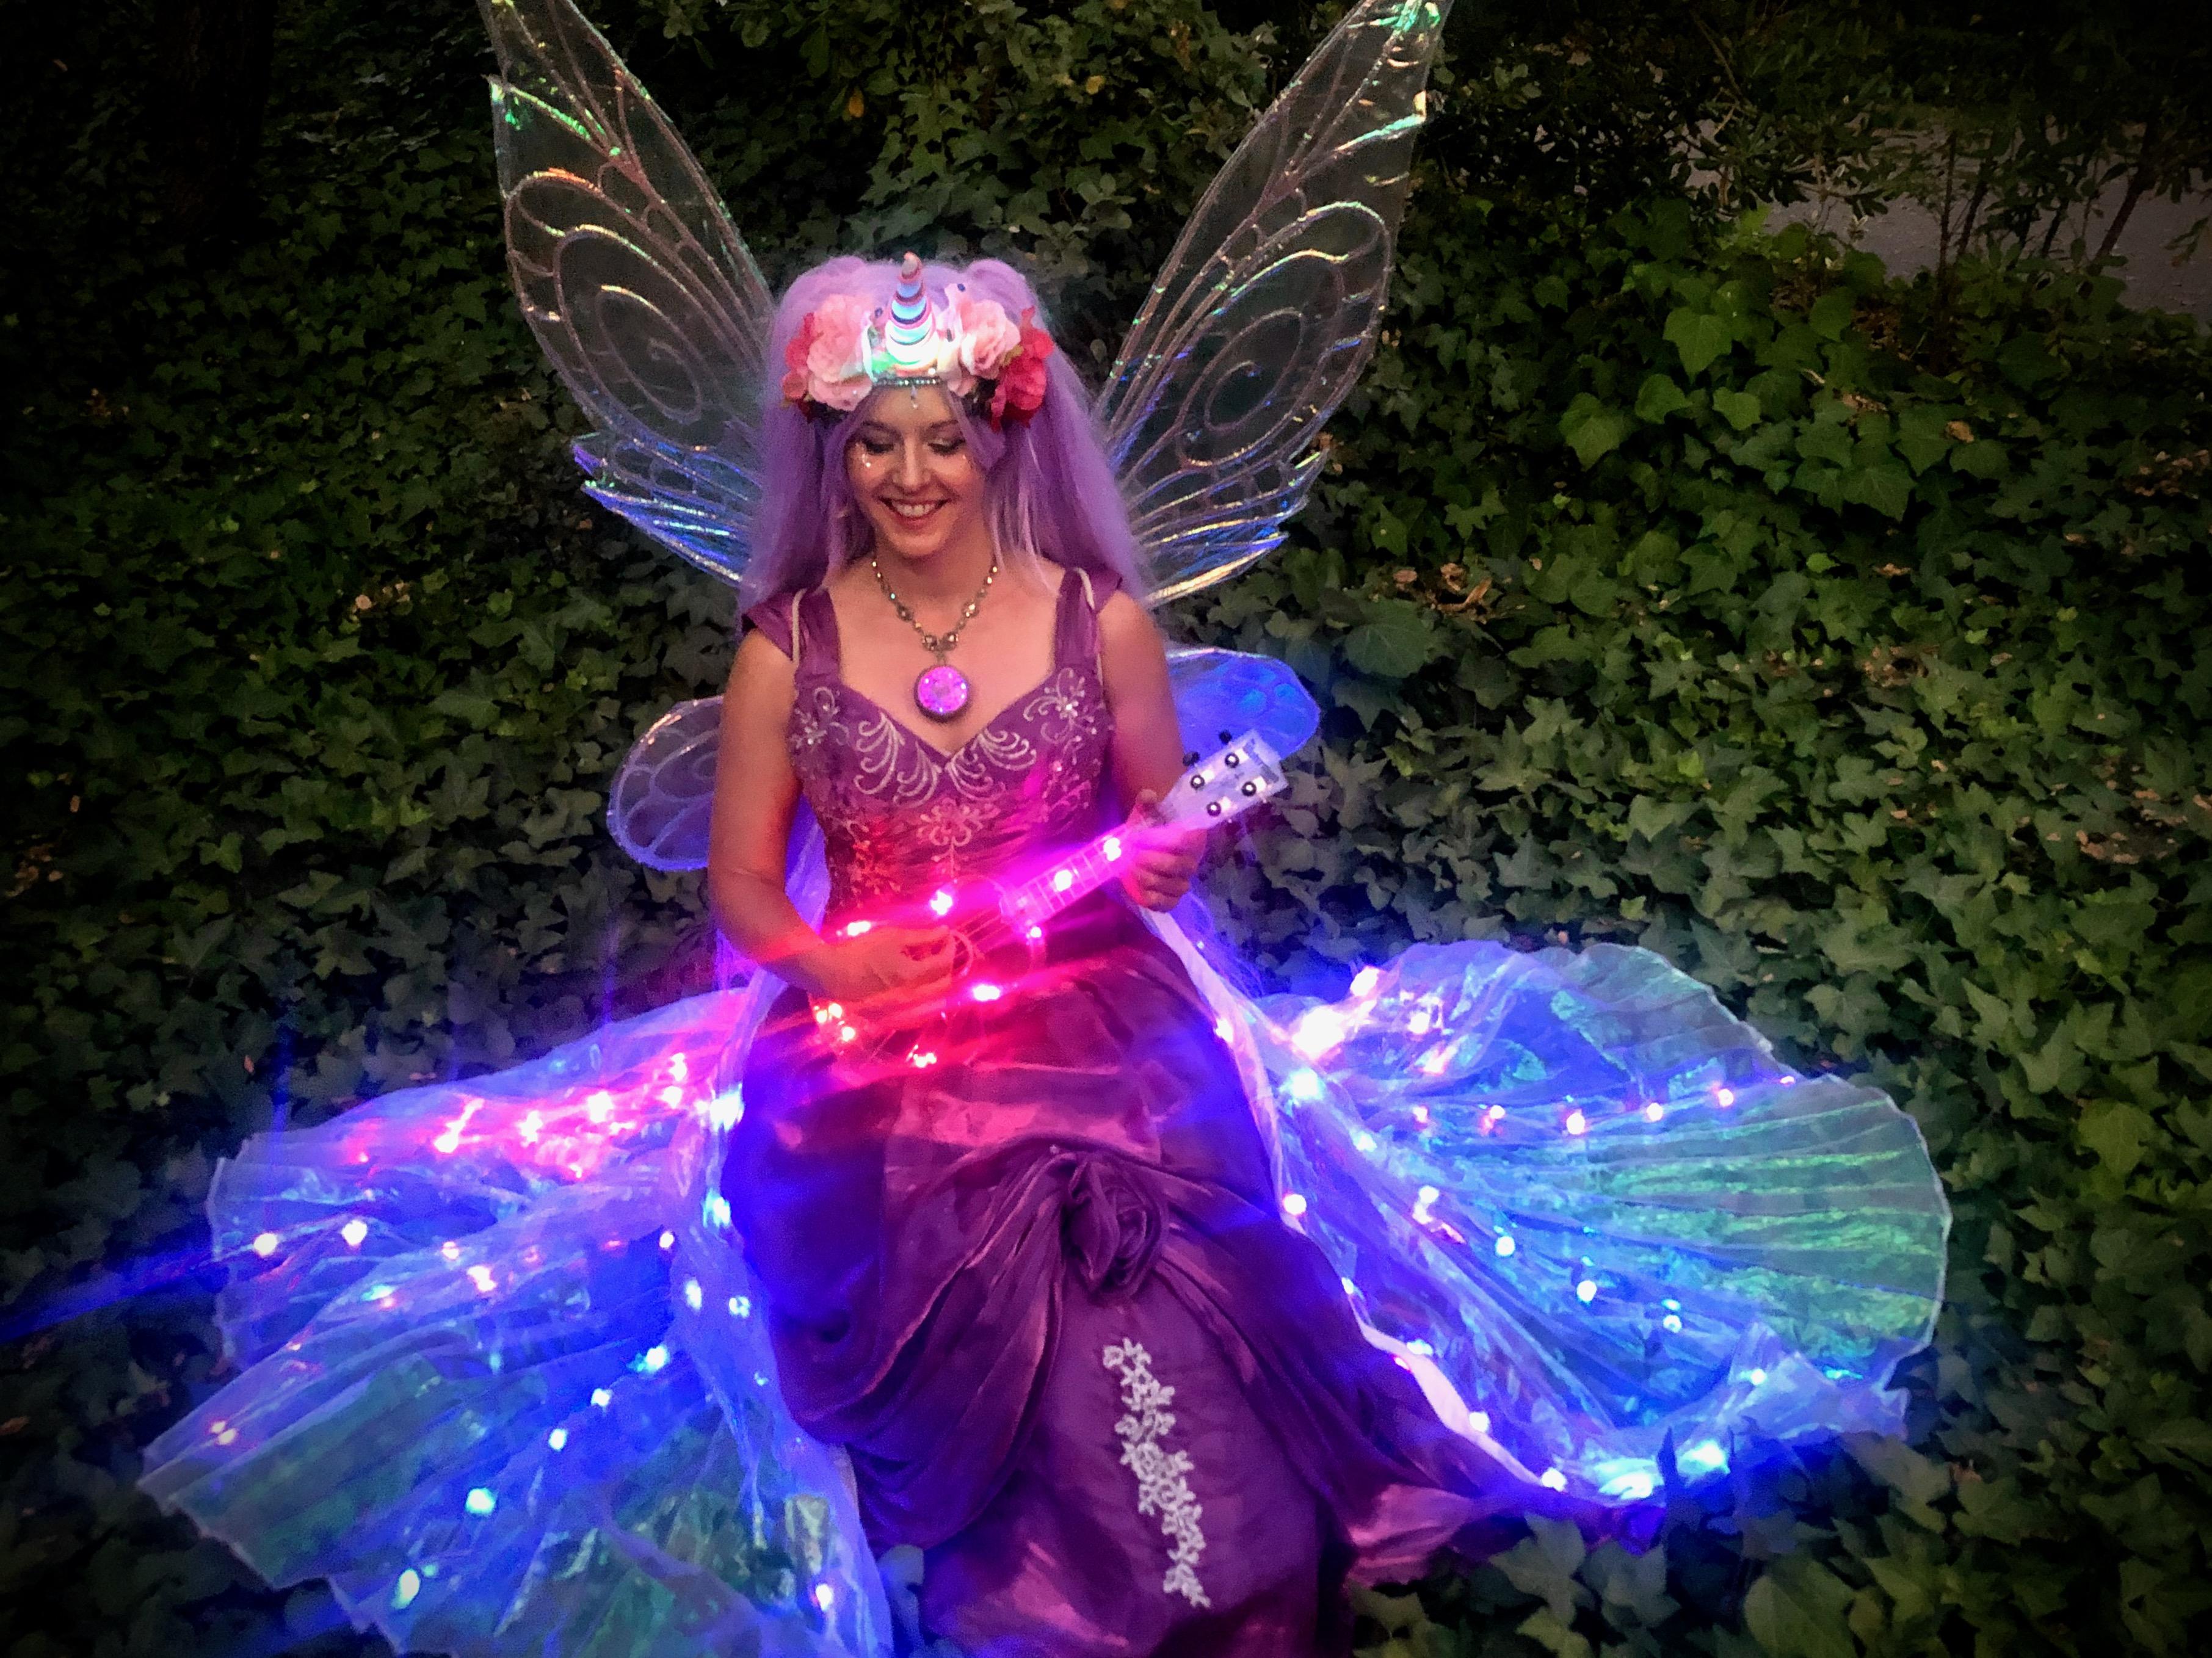 led_strips_ukulele_fairy_still.jpeg